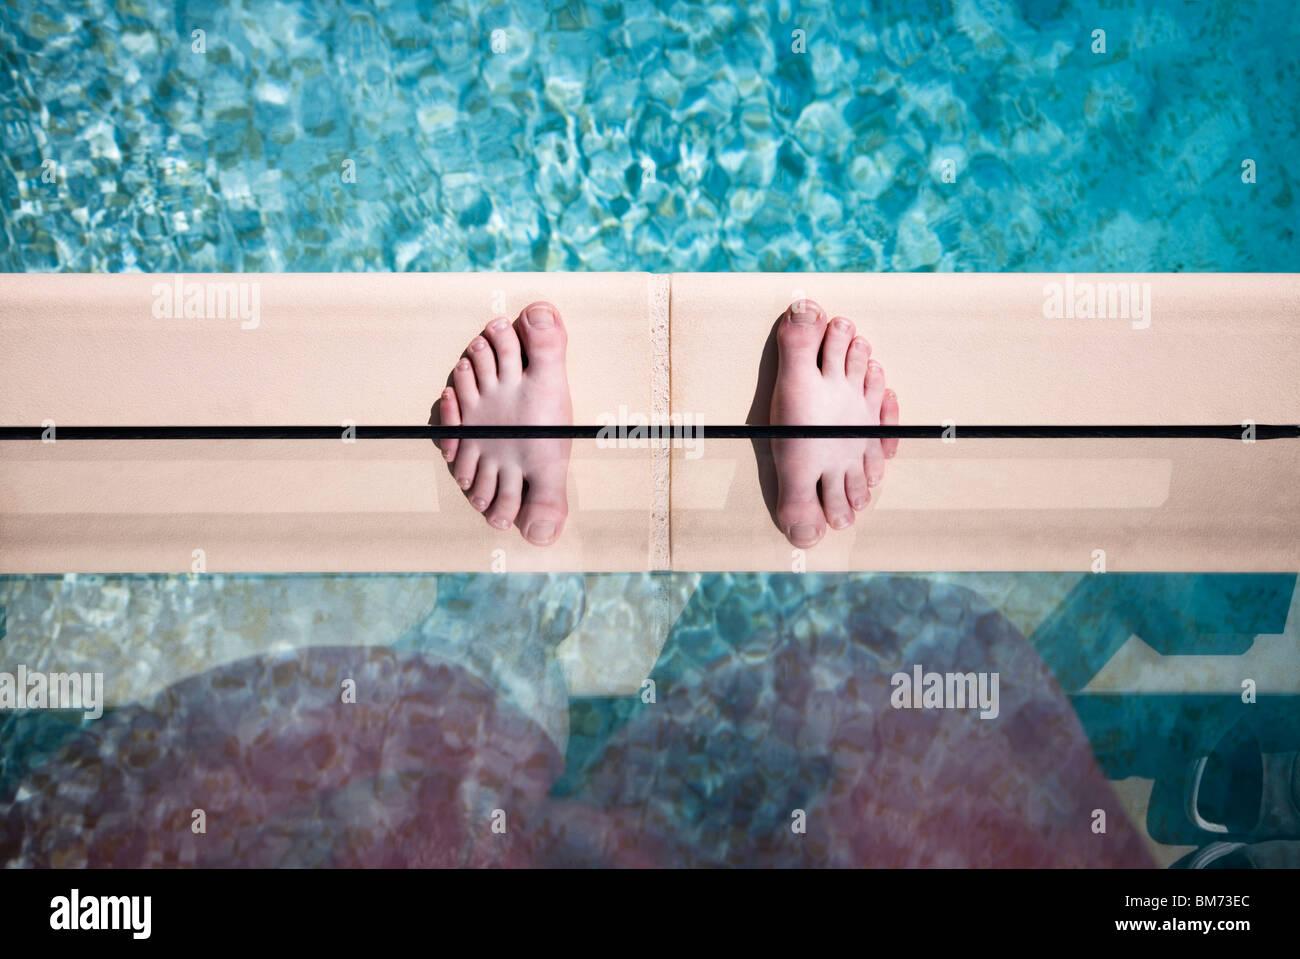 jemandes Füße am Rande eines Swimmingpools gegen Glas mit einer Reflexion Twin Füße Stockbild